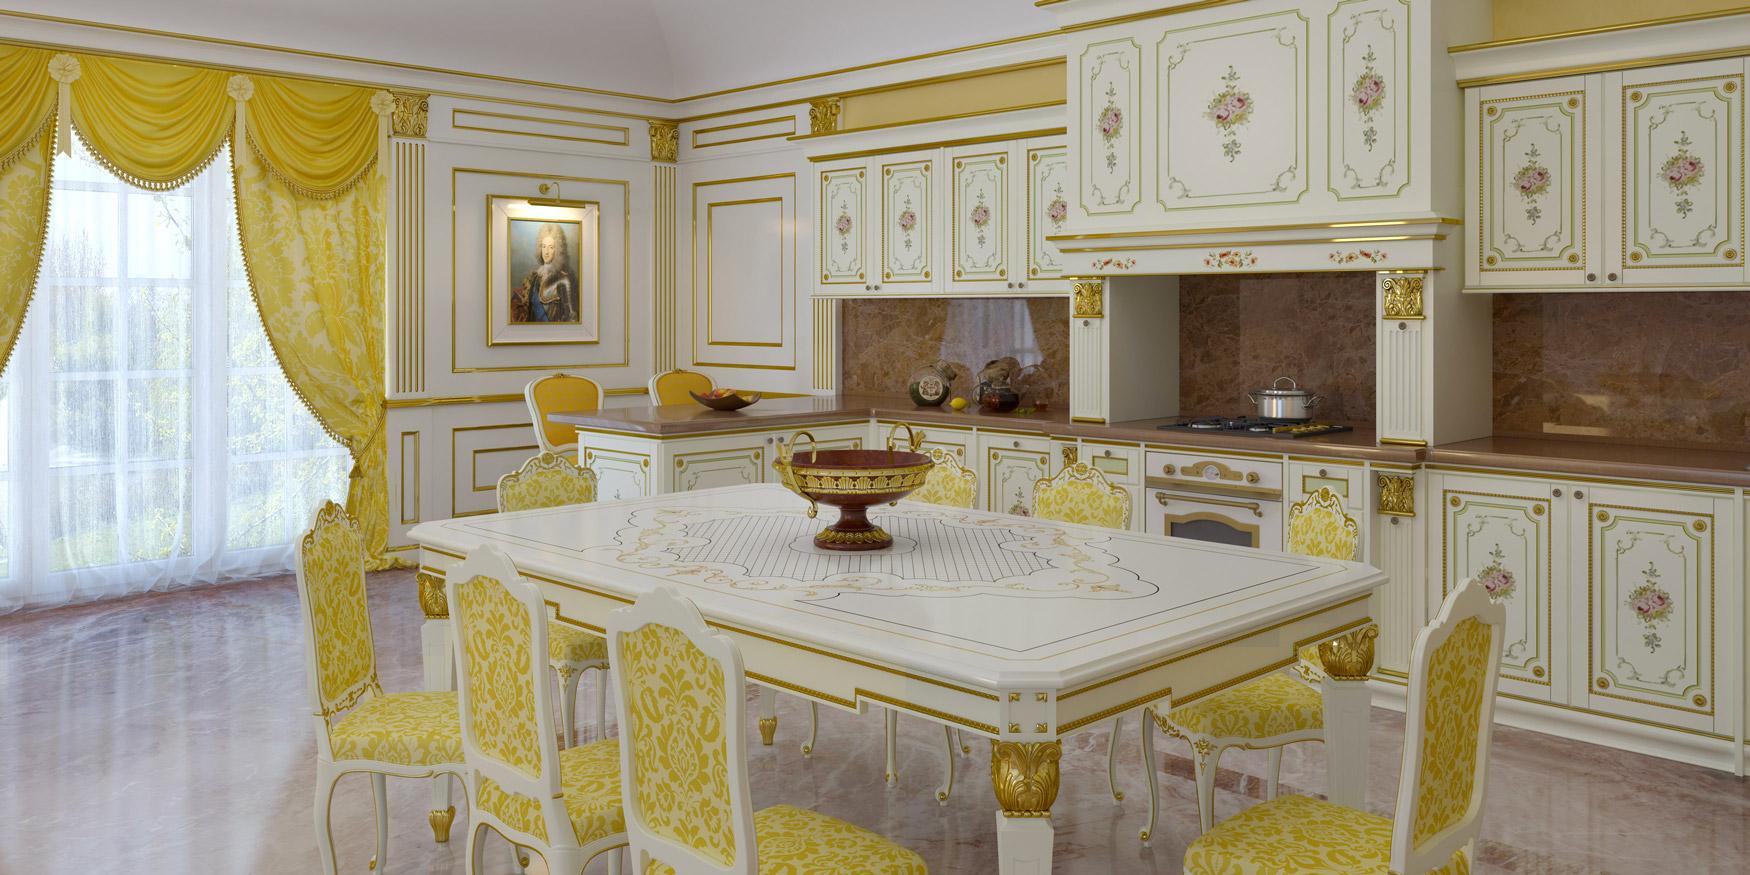 Cucine di lusso su misura: lo stile classico si mette ai fornelli